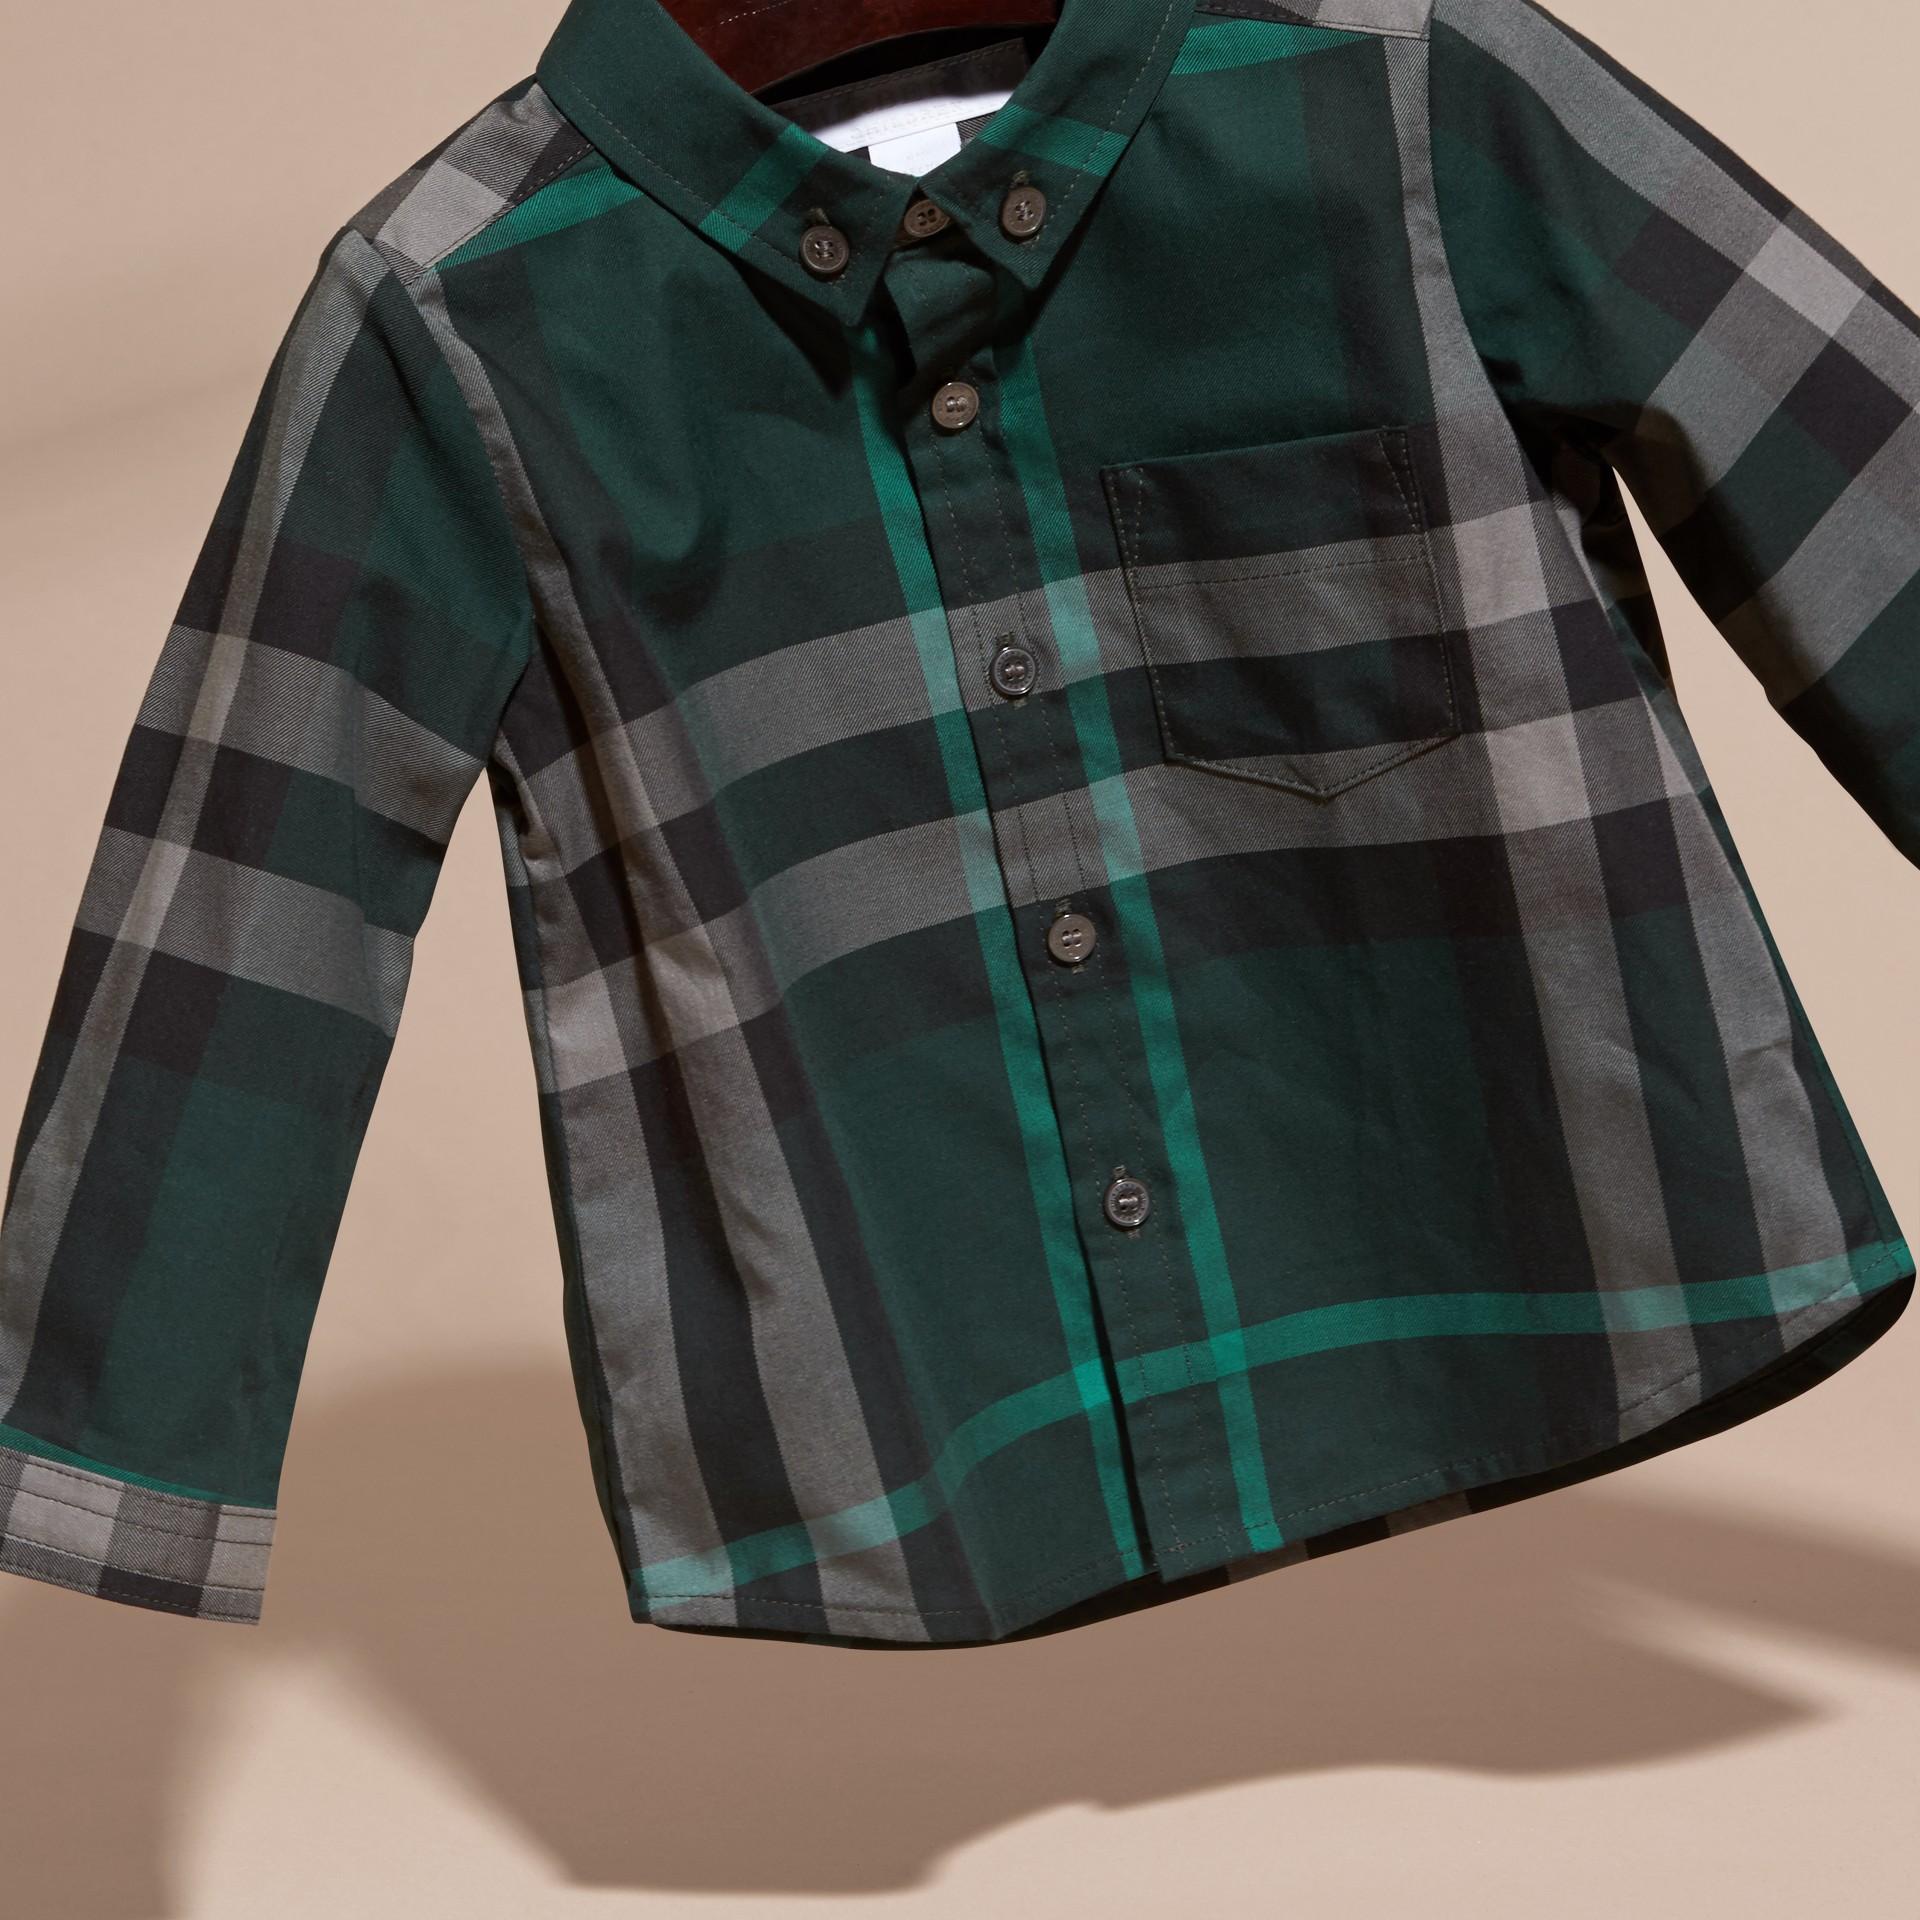 레이싱 그린 체크 버튼 다운 코튼 셔츠 레이싱 그린 - 갤러리 이미지 3